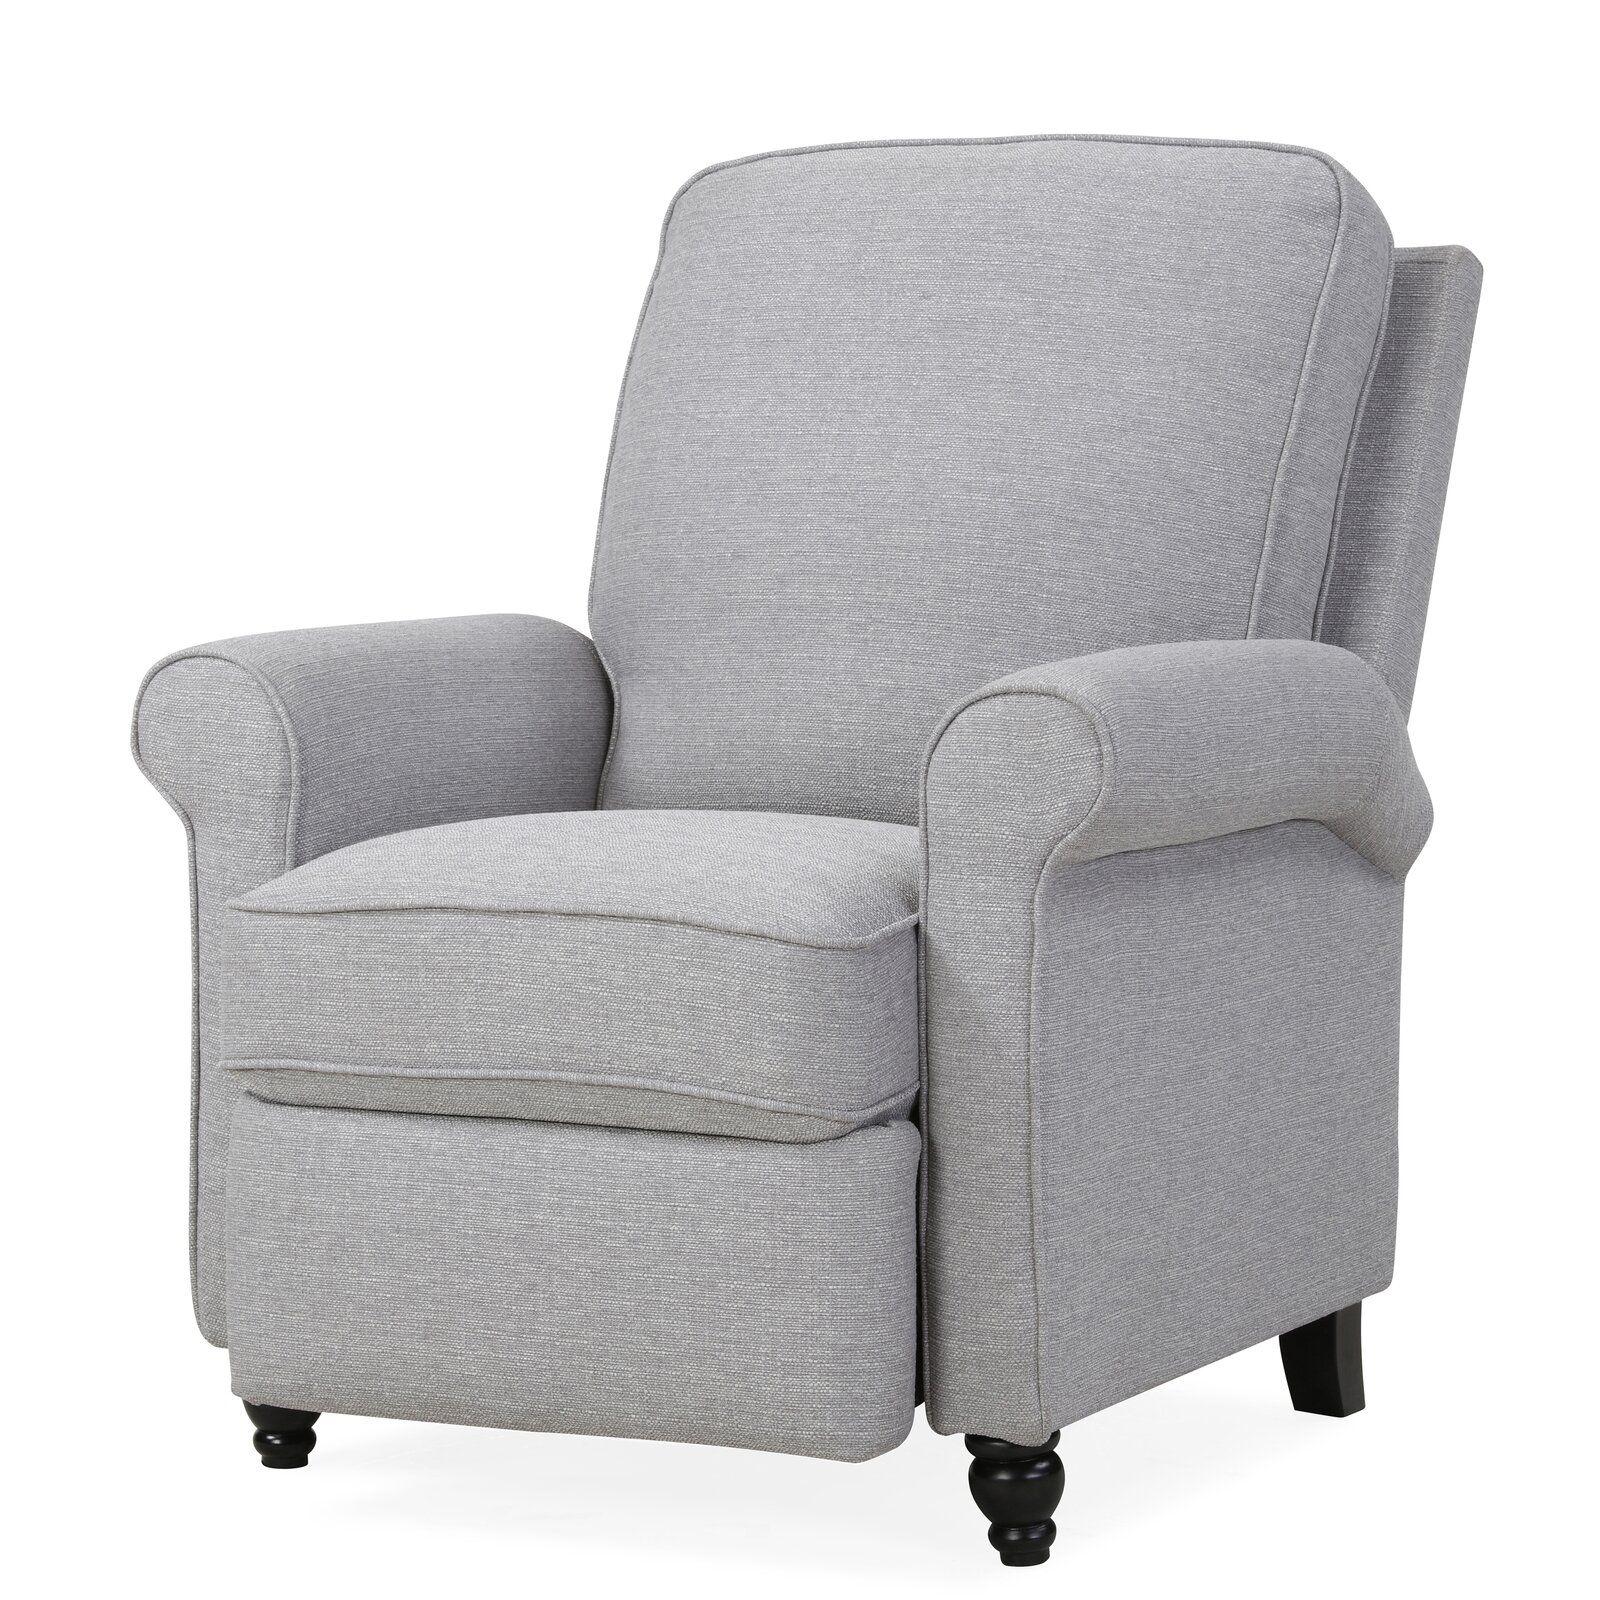 Andover mills leni manual recliner wayfair furniture